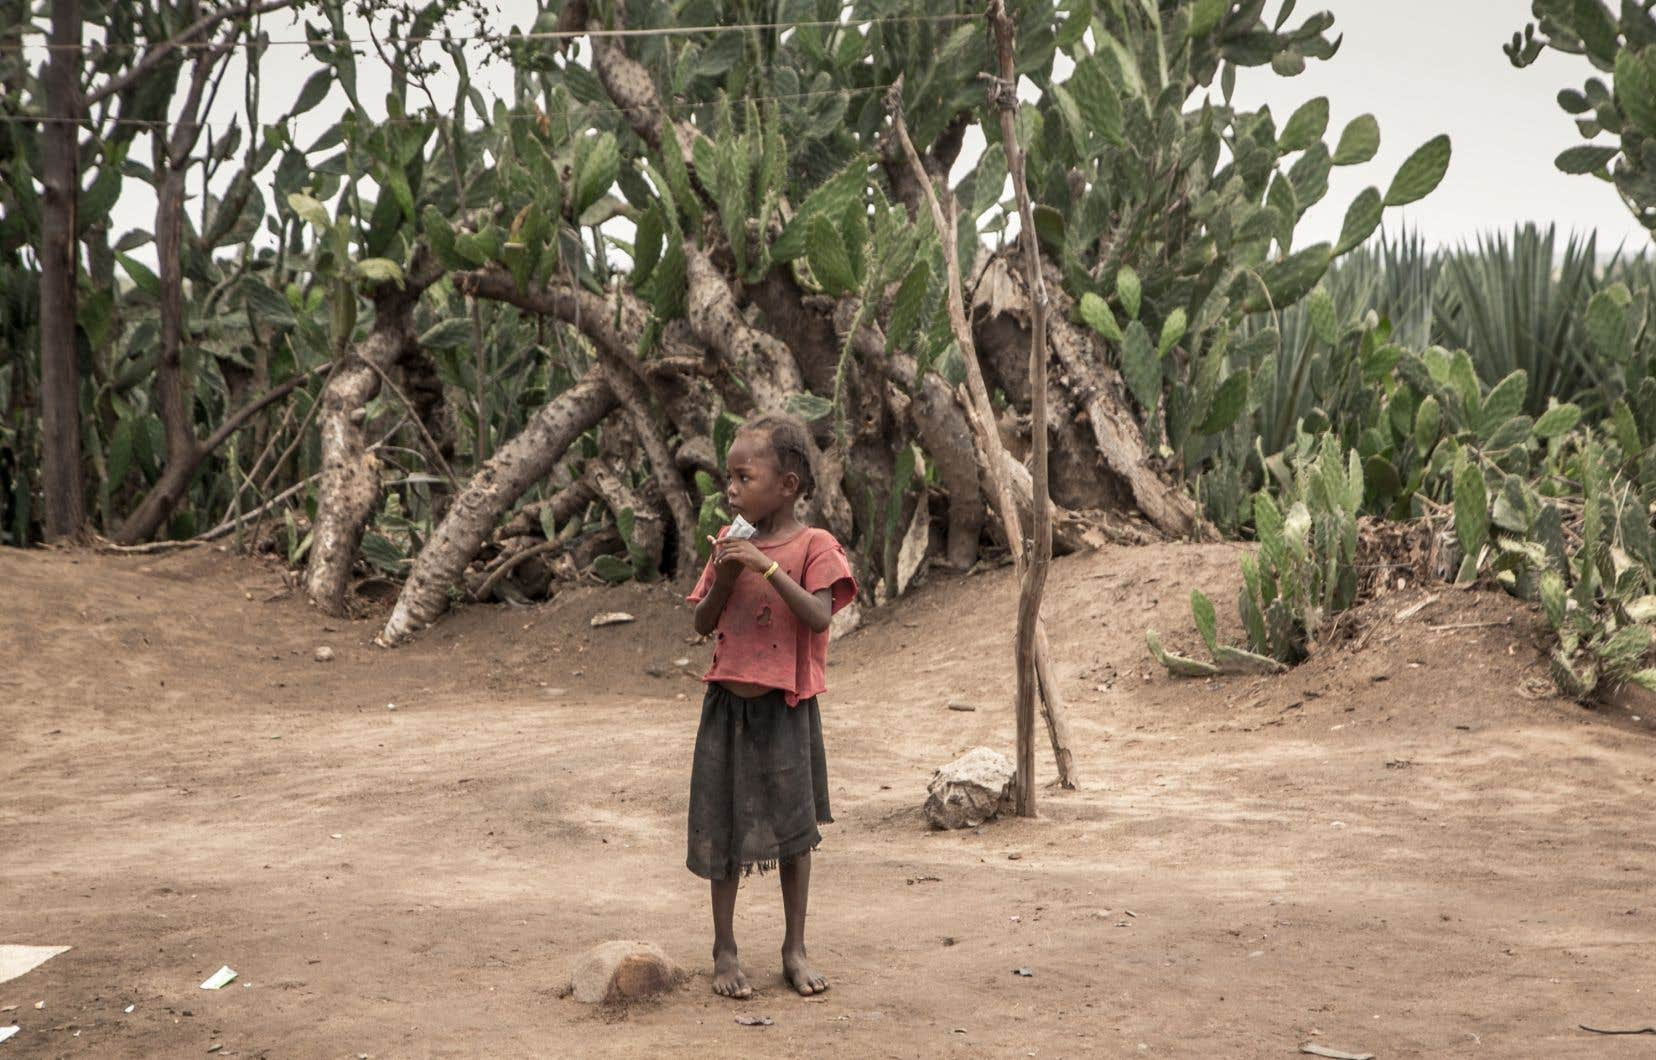 Depuis plusieurs saisons, les régions du sud de Madagascar sont touchées par une sécheresse, et l'eau se fait de plus en plus rare.